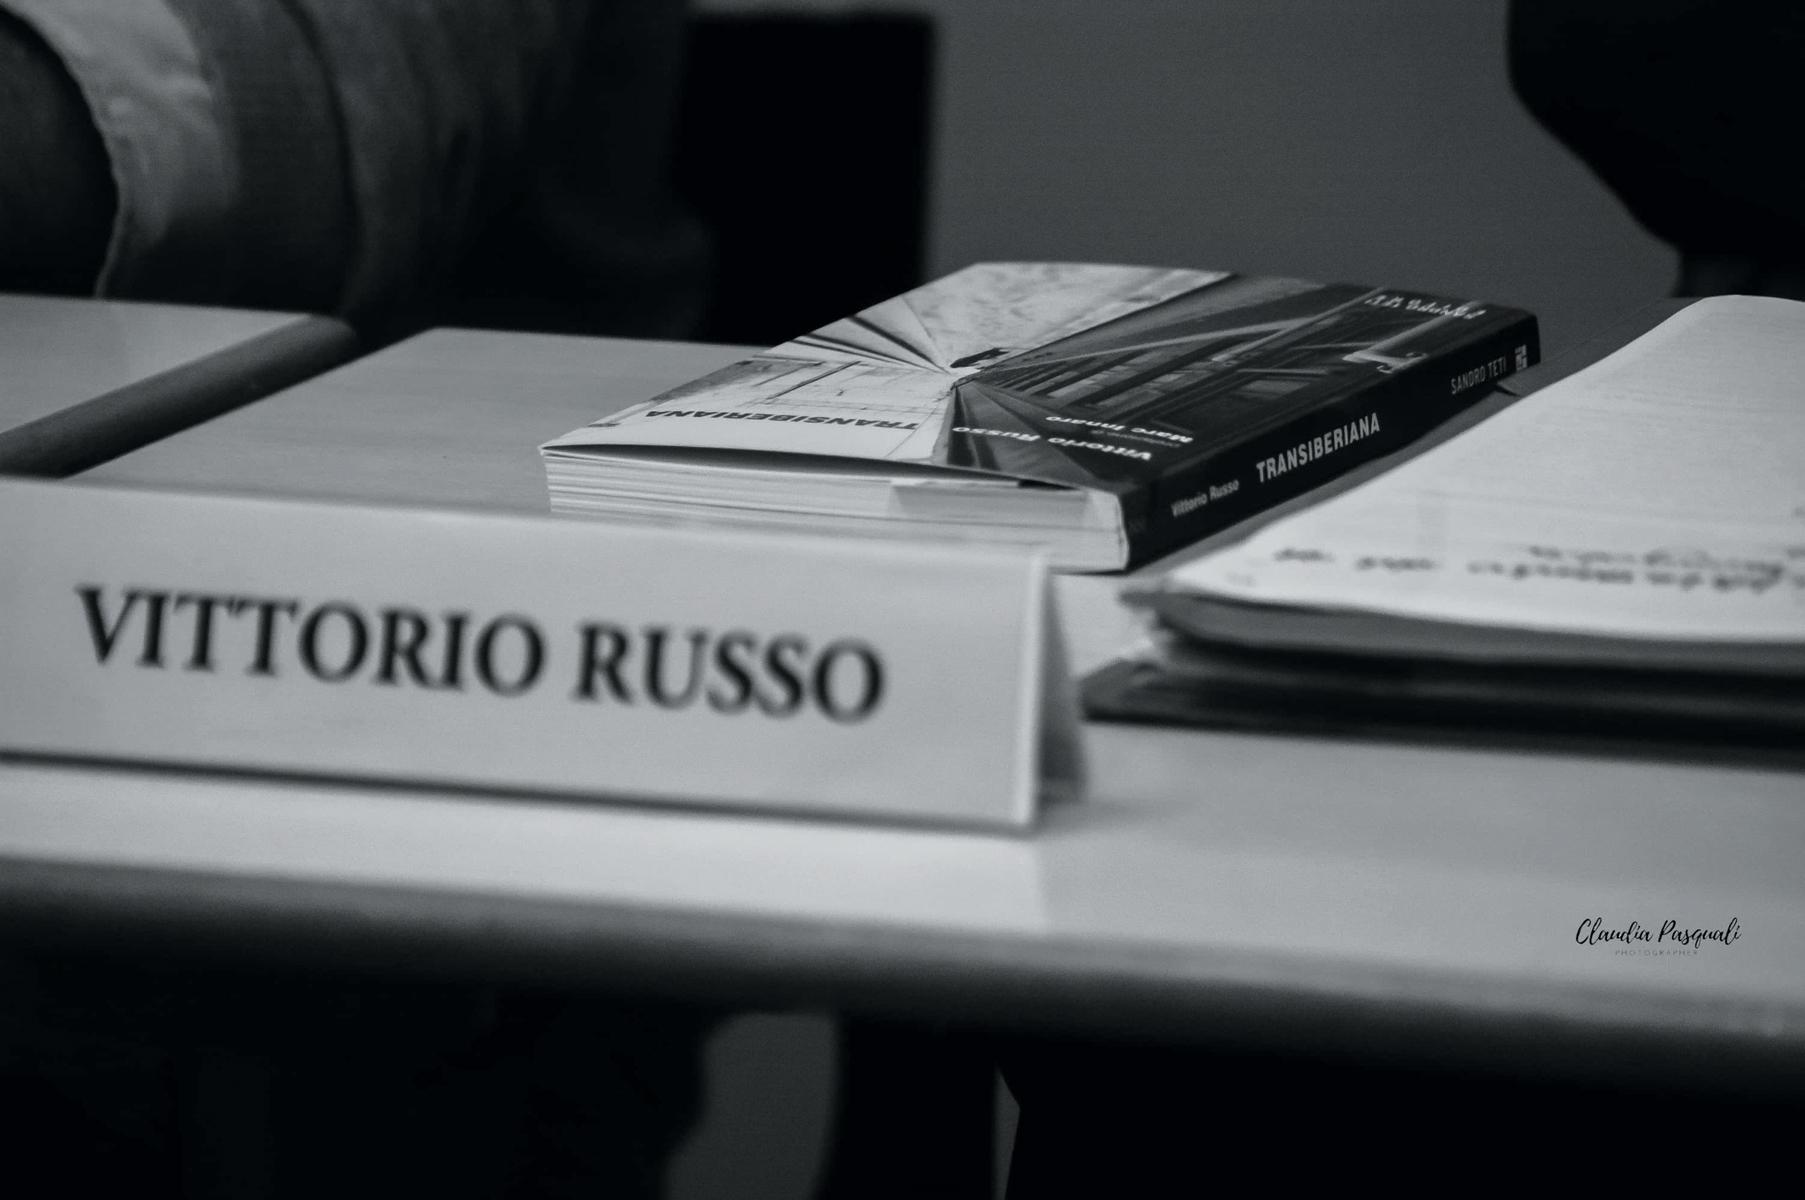 Presentazione del libro Transiberiana di Vittorio Russo.